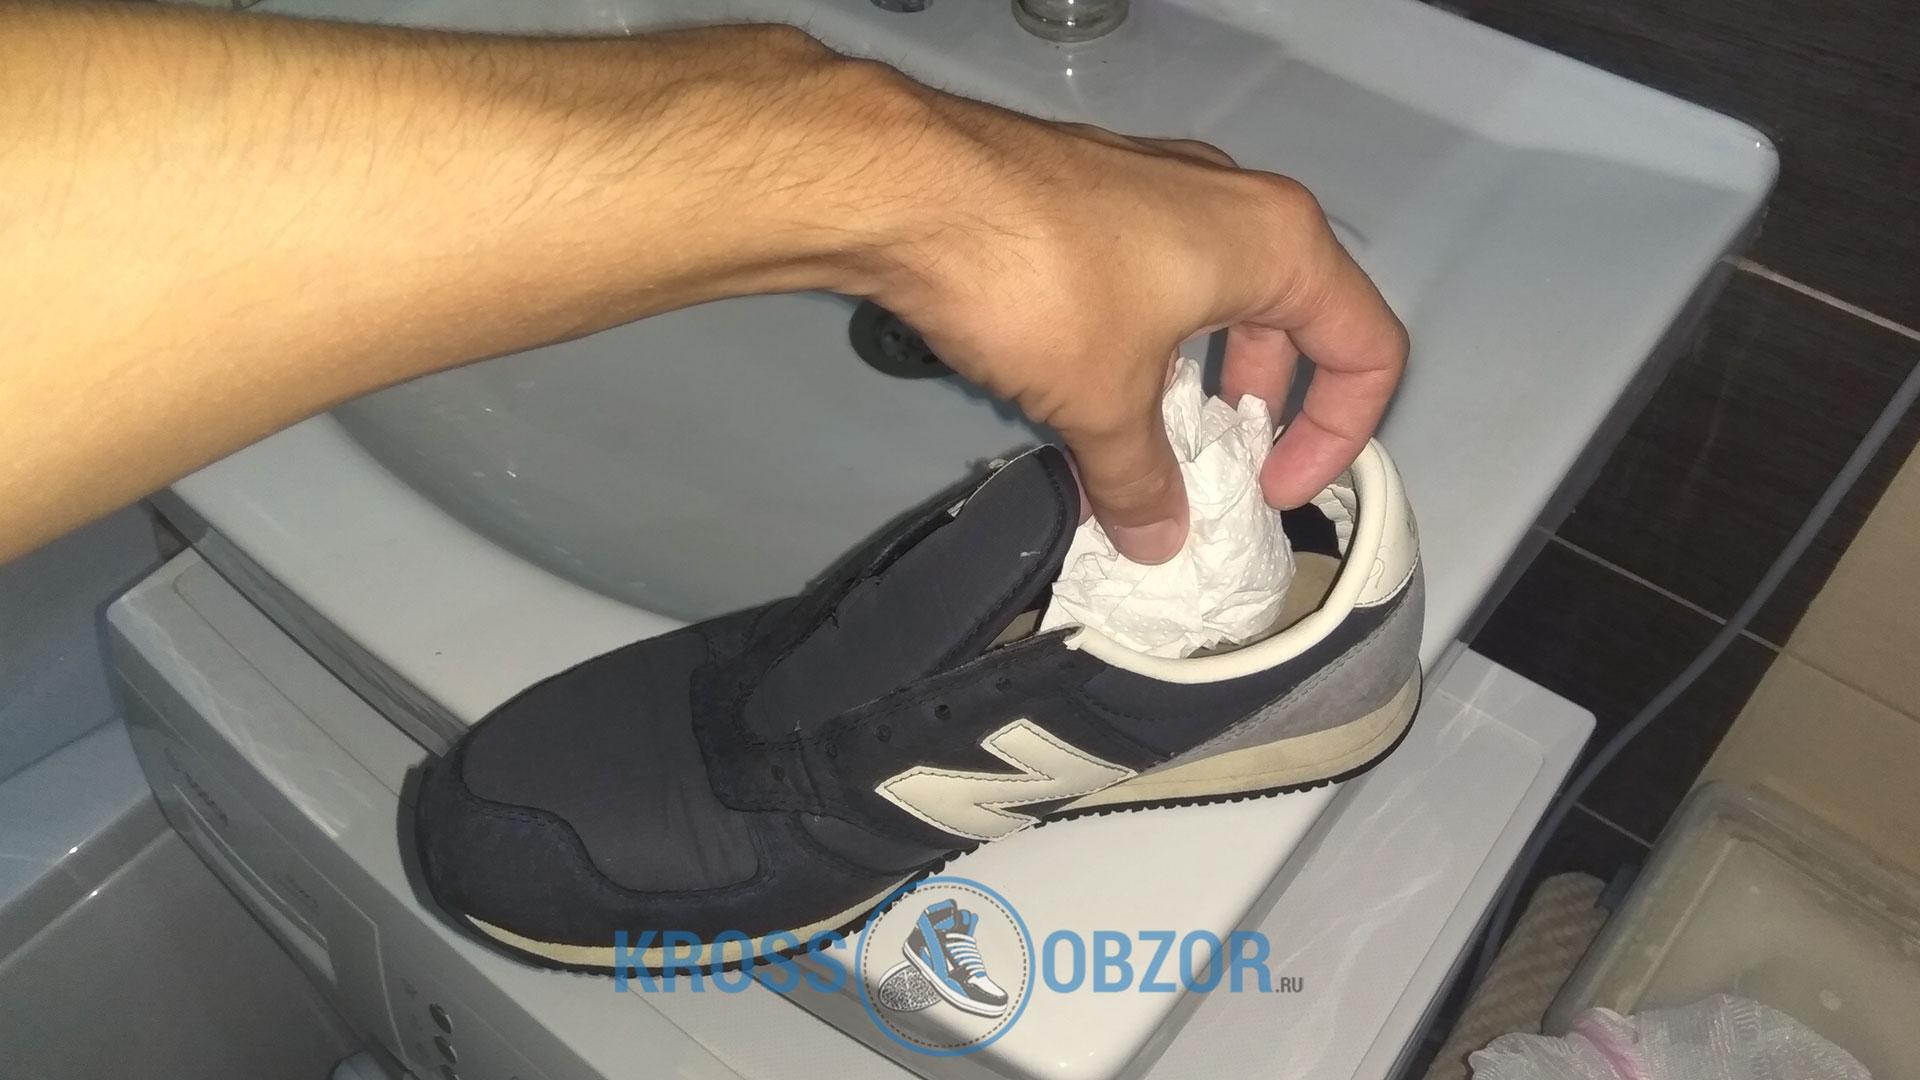 Кладем бумагу или салфетки внутрь кроссовок